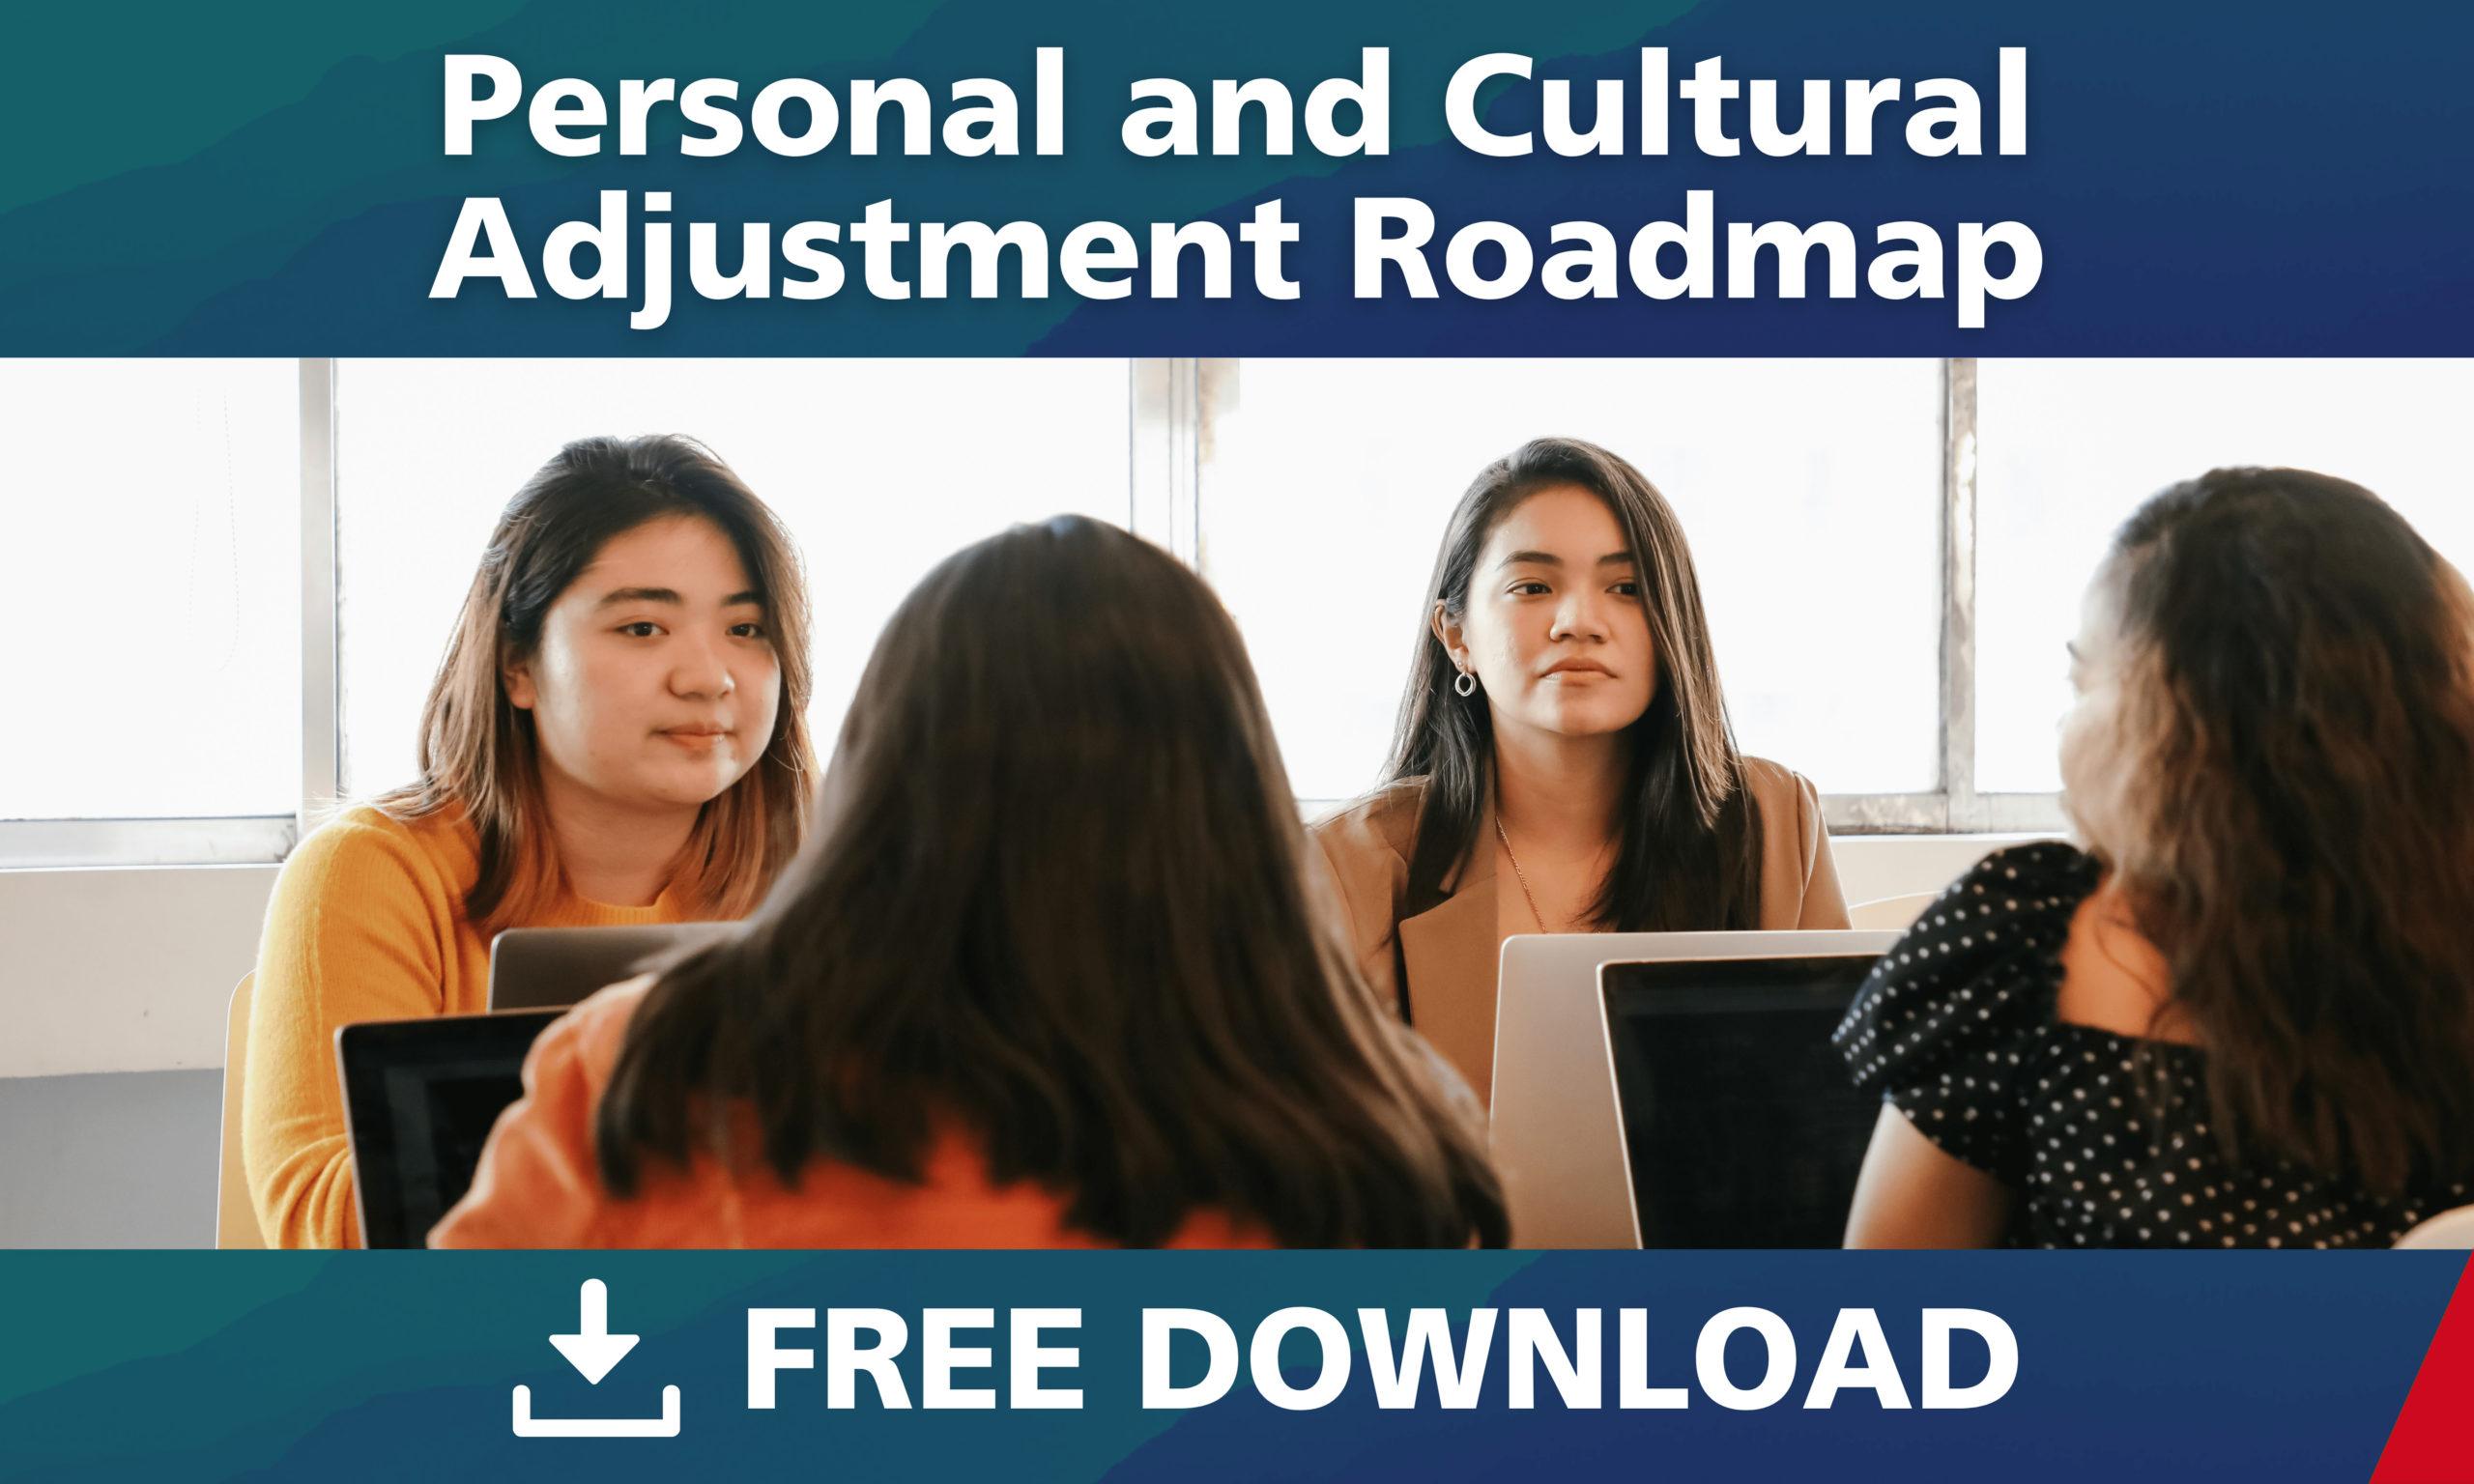 Personal and Cultural Adjustment Roadmap